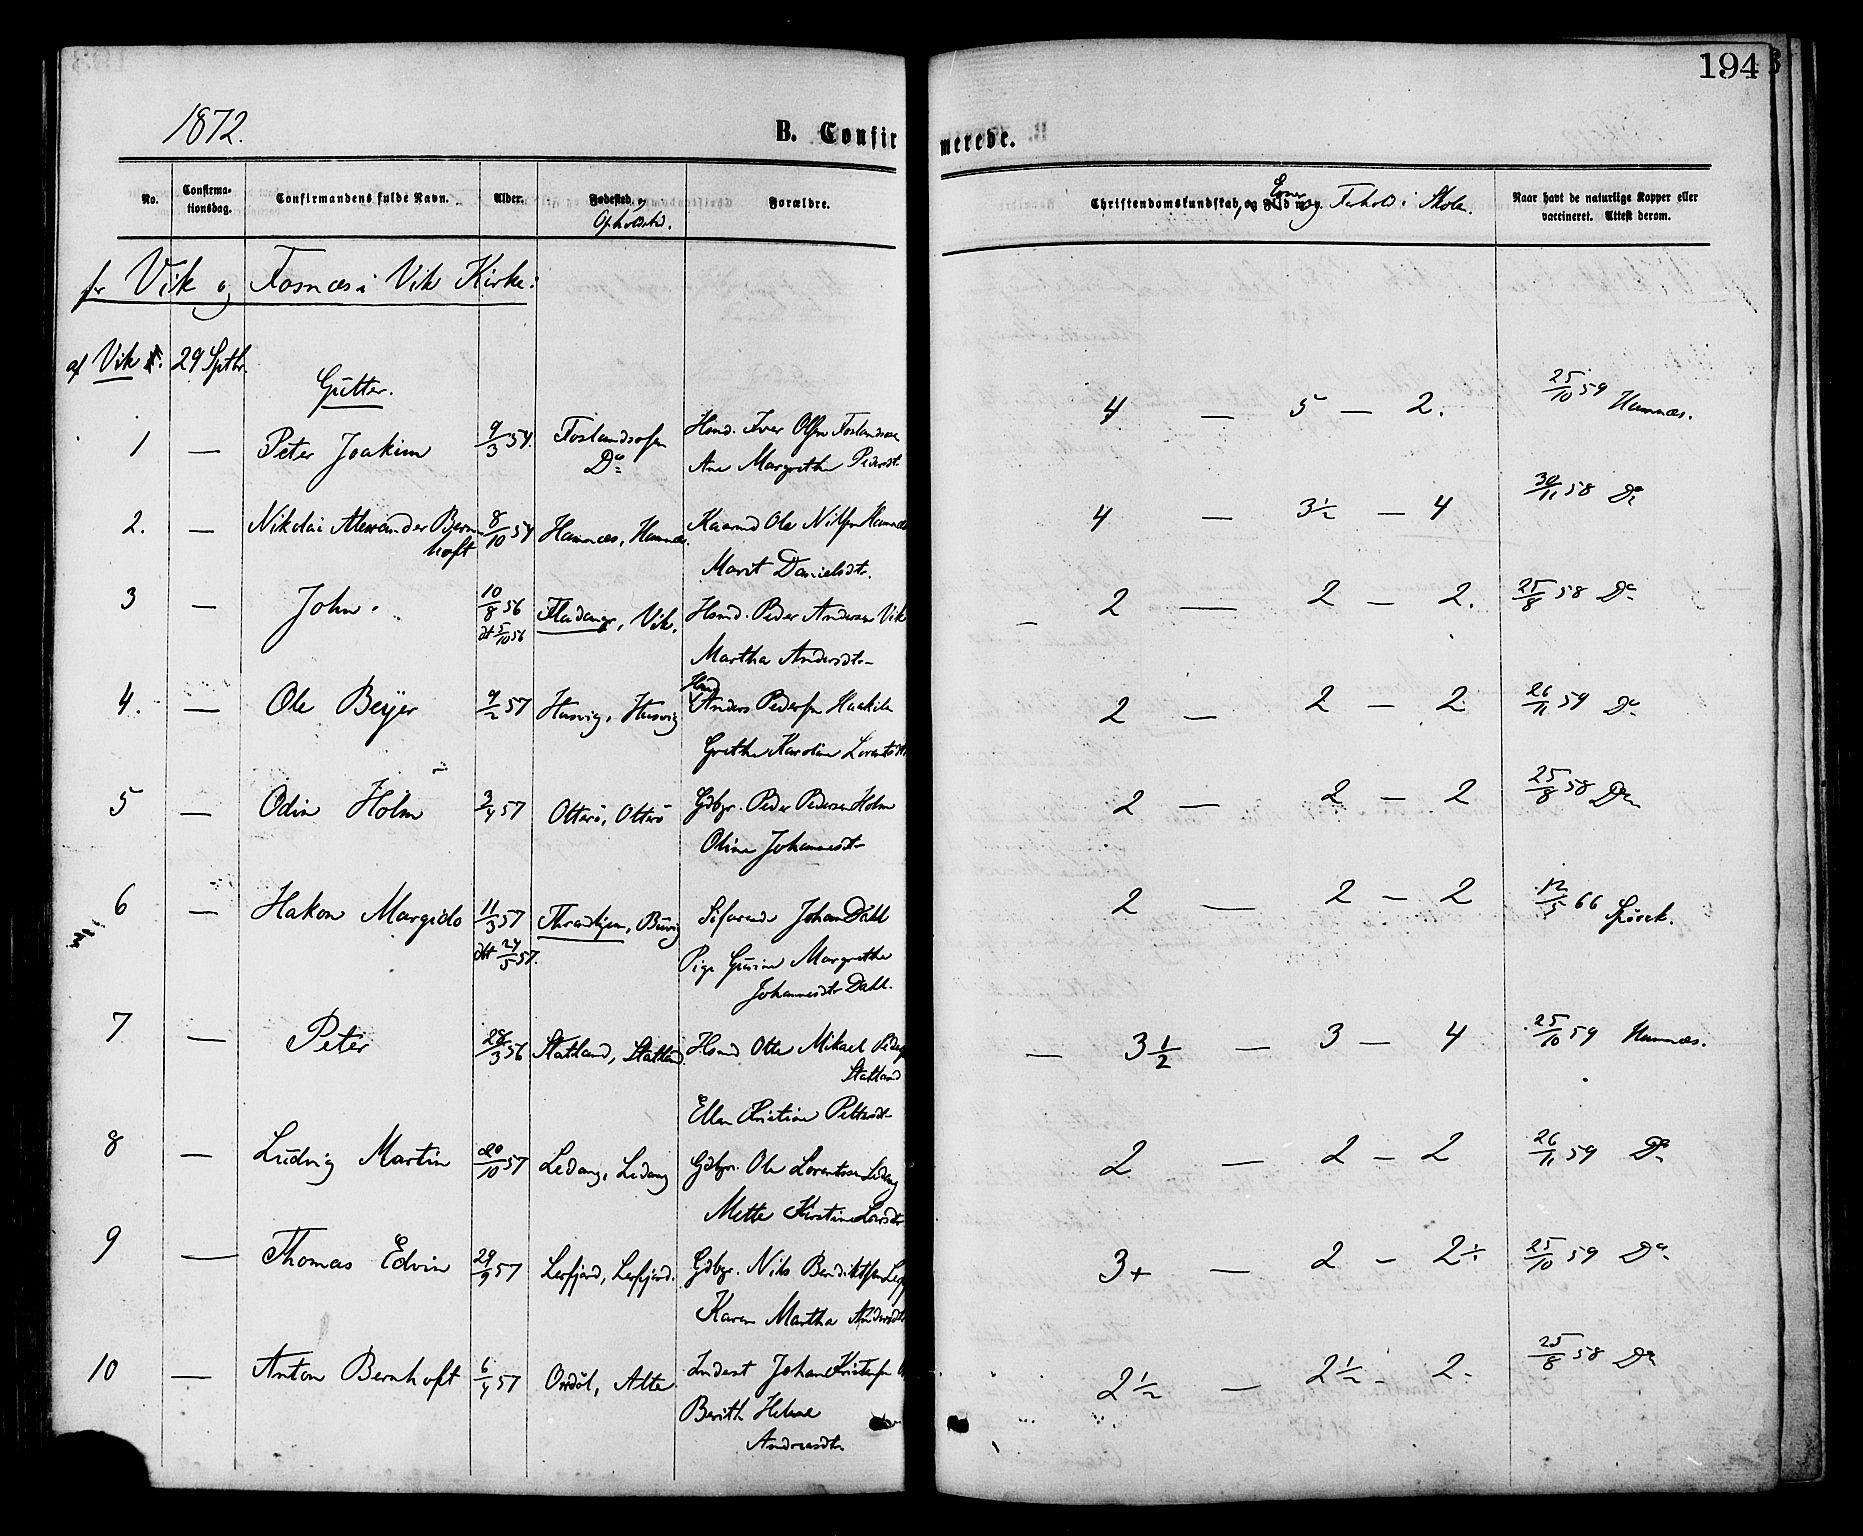 SAT, Ministerialprotokoller, klokkerbøker og fødselsregistre - Nord-Trøndelag, 773/L0616: Ministerialbok nr. 773A07, 1870-1887, s. 194